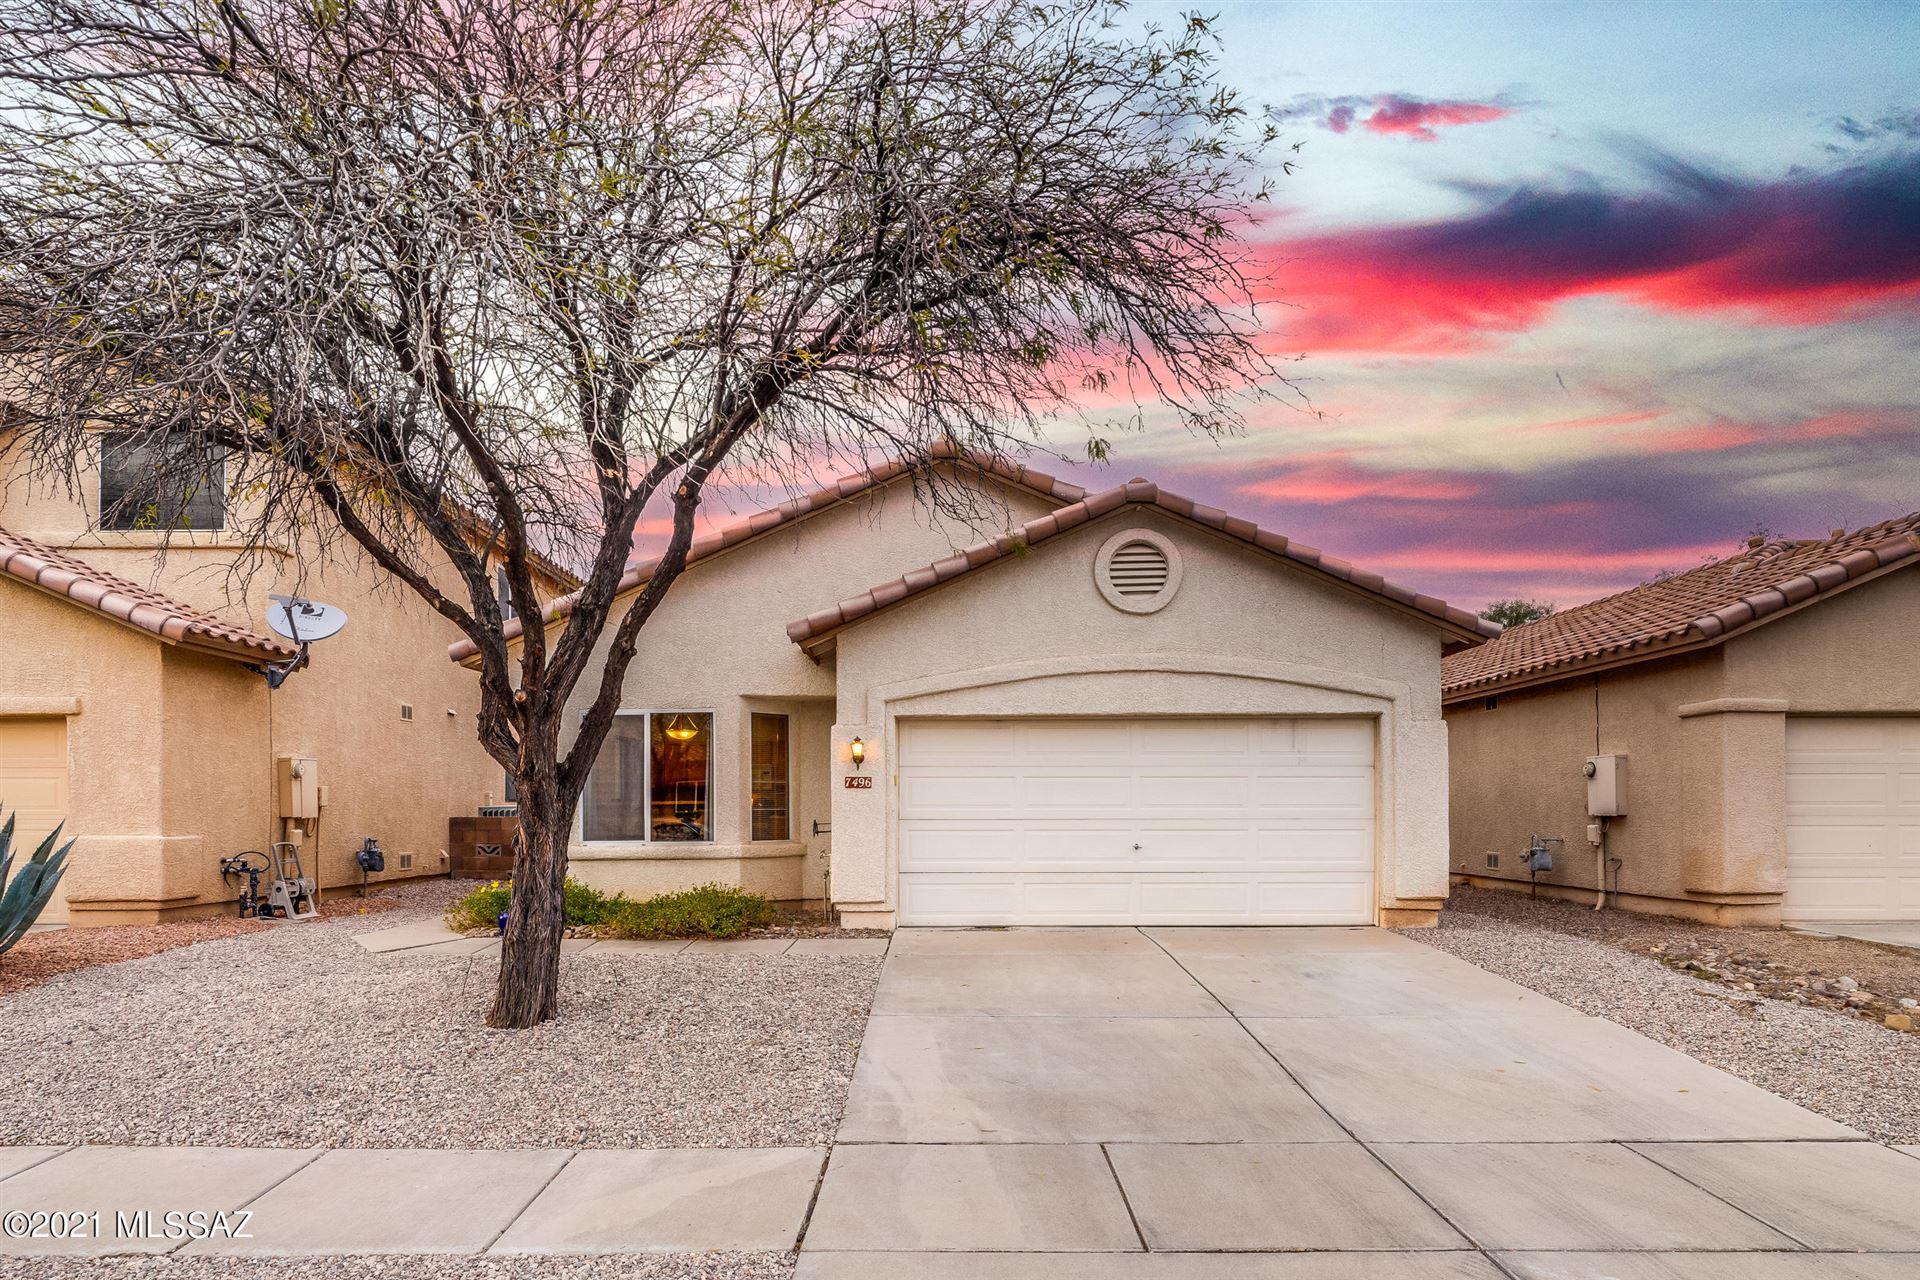 7496 W Mission View Place, Tucson, AZ 85743 - MLS#: 22107244